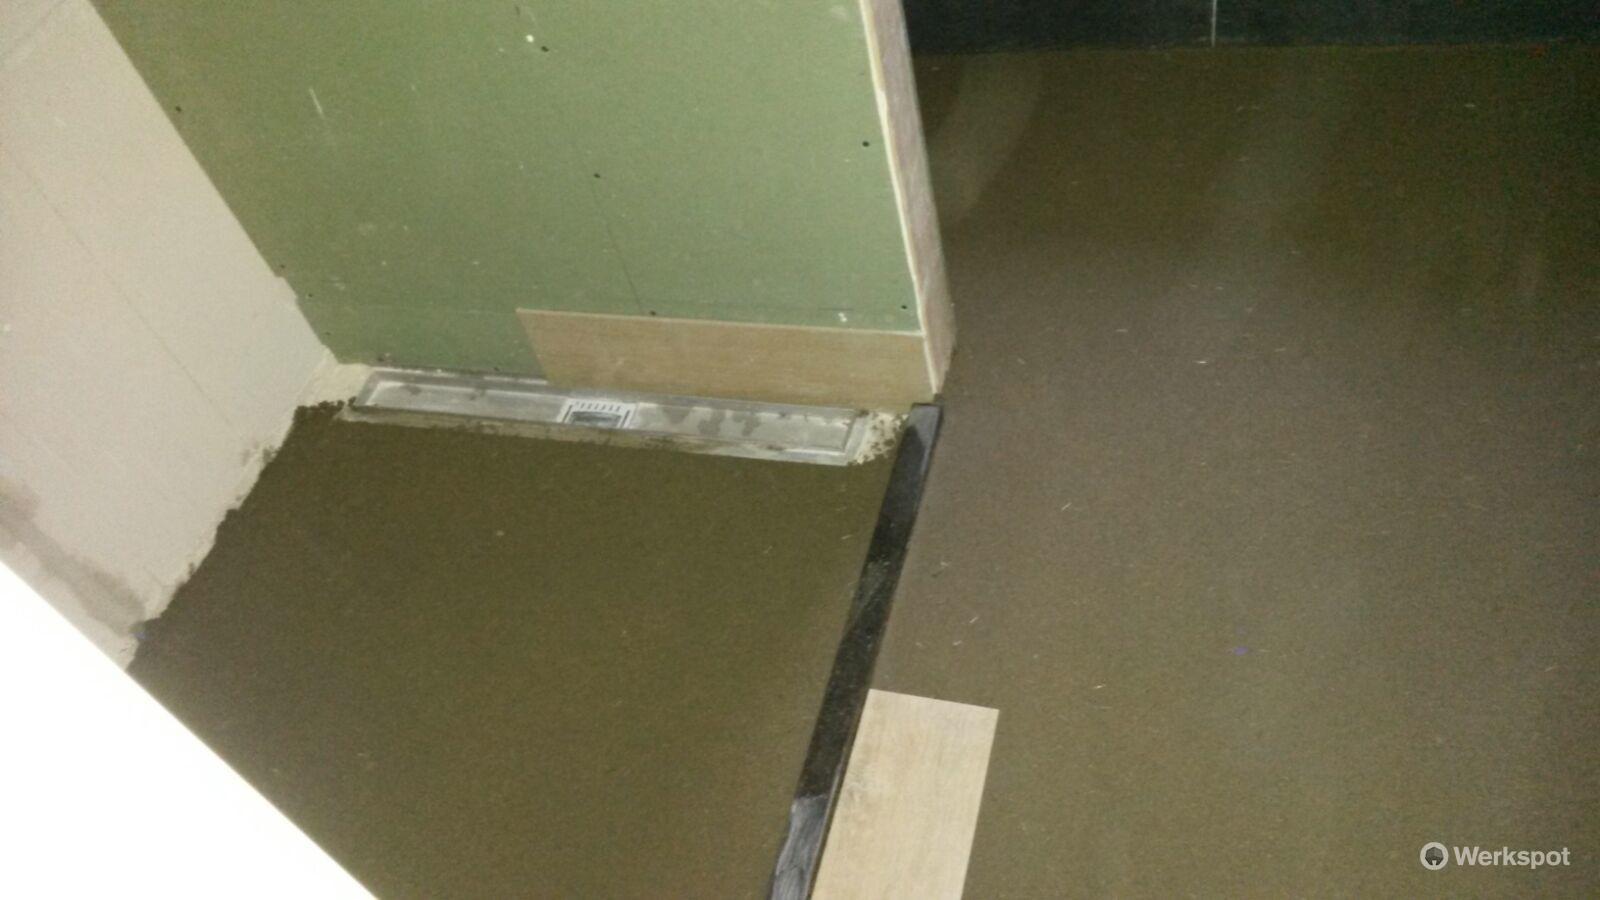 Badkamer Vloer Storten : Badkamervloer storten m² werkspot